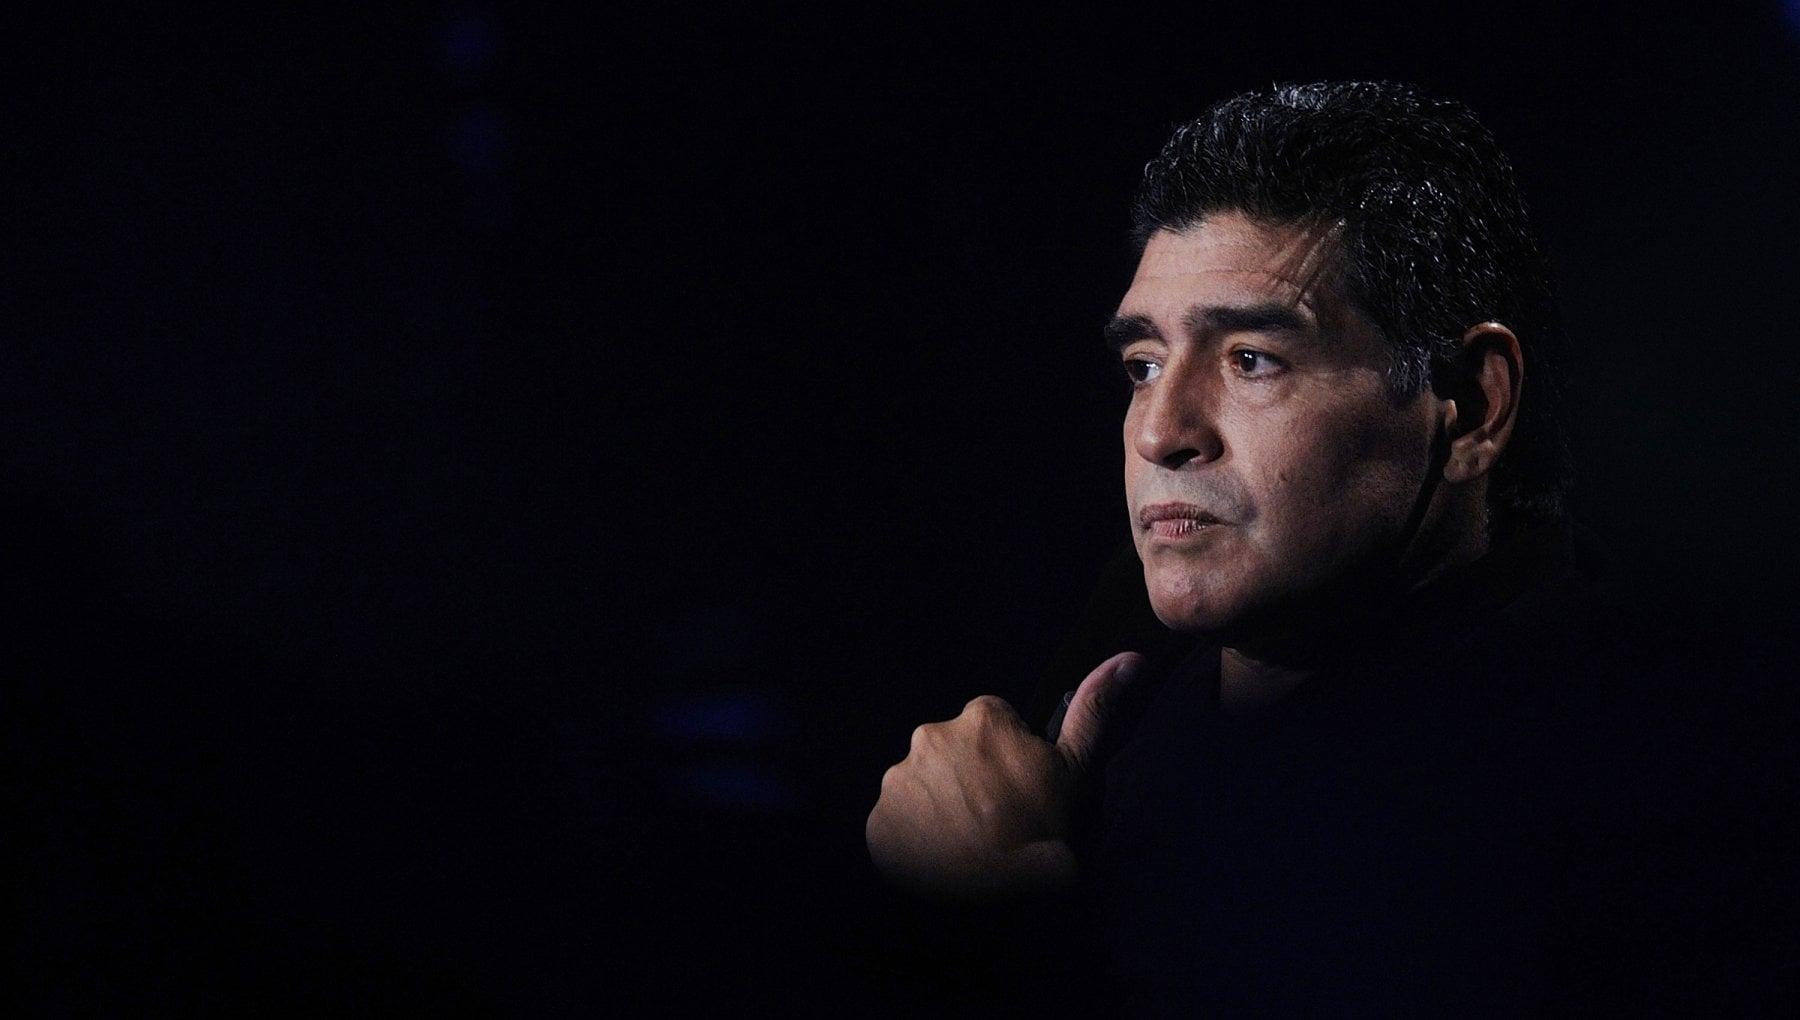 E morto Diego Armando Maradona 1